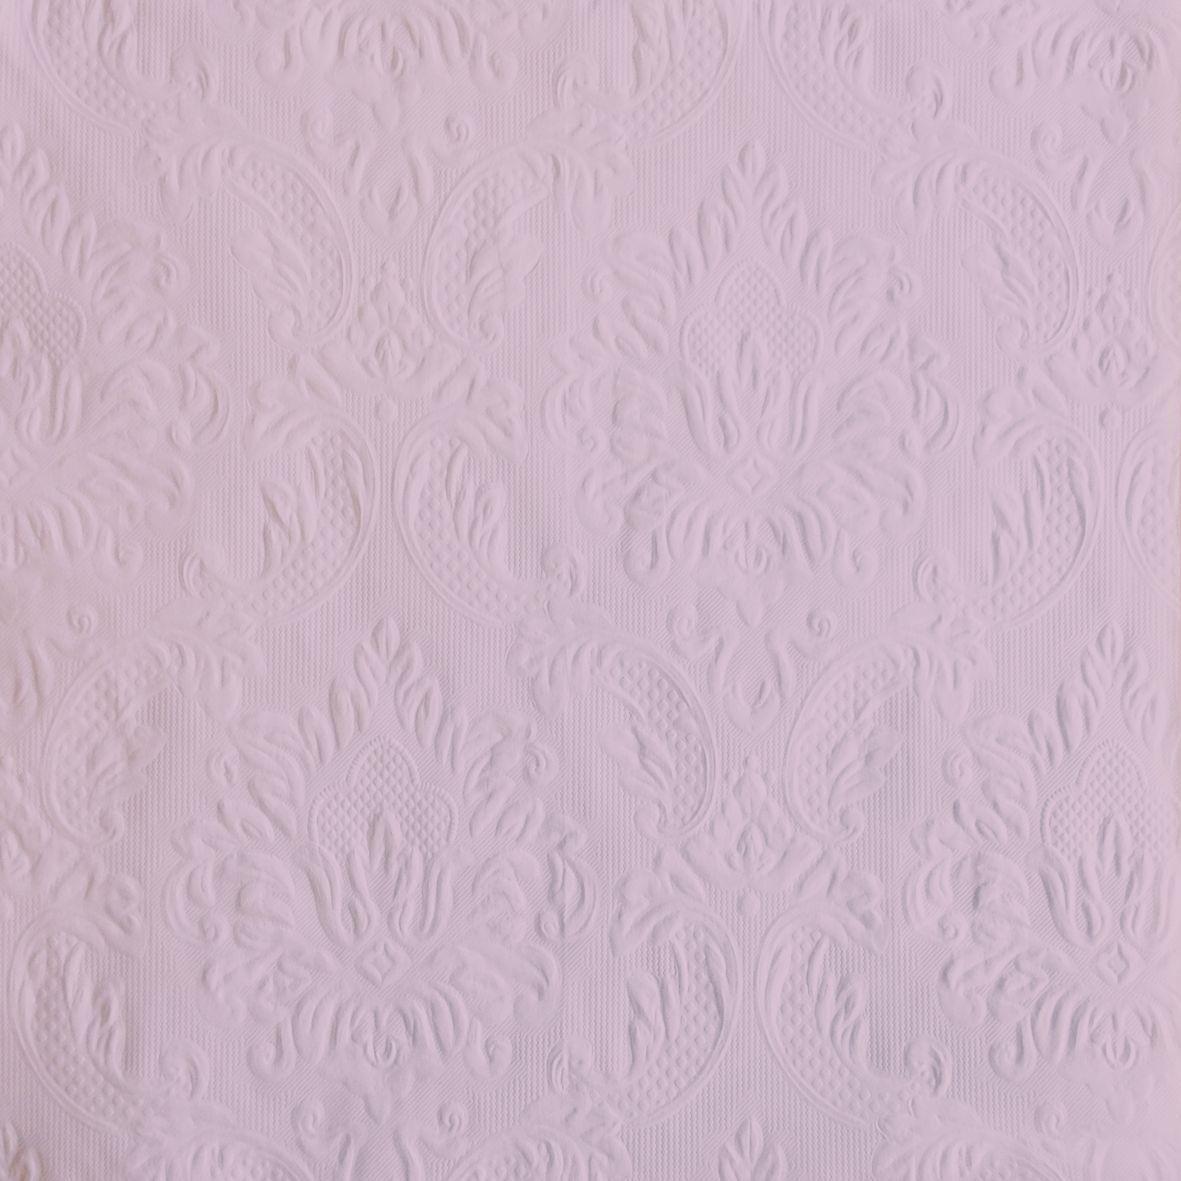 Салфетки бумажные Duni, 3-слойные, с тиснением, цвет: розовый, 33 х 33 см, 20 штVT-1520(SR)Трехслойные бумажные салфетки изготовлены из экологически чистого, высококачественного сырья - 100% целлюлозы. Салфетки выполнены в оригинальном и современном стиле, прекрасно сочетаются с любым интерьером и всегда будут прекрасным и незаменимым украшением стола.